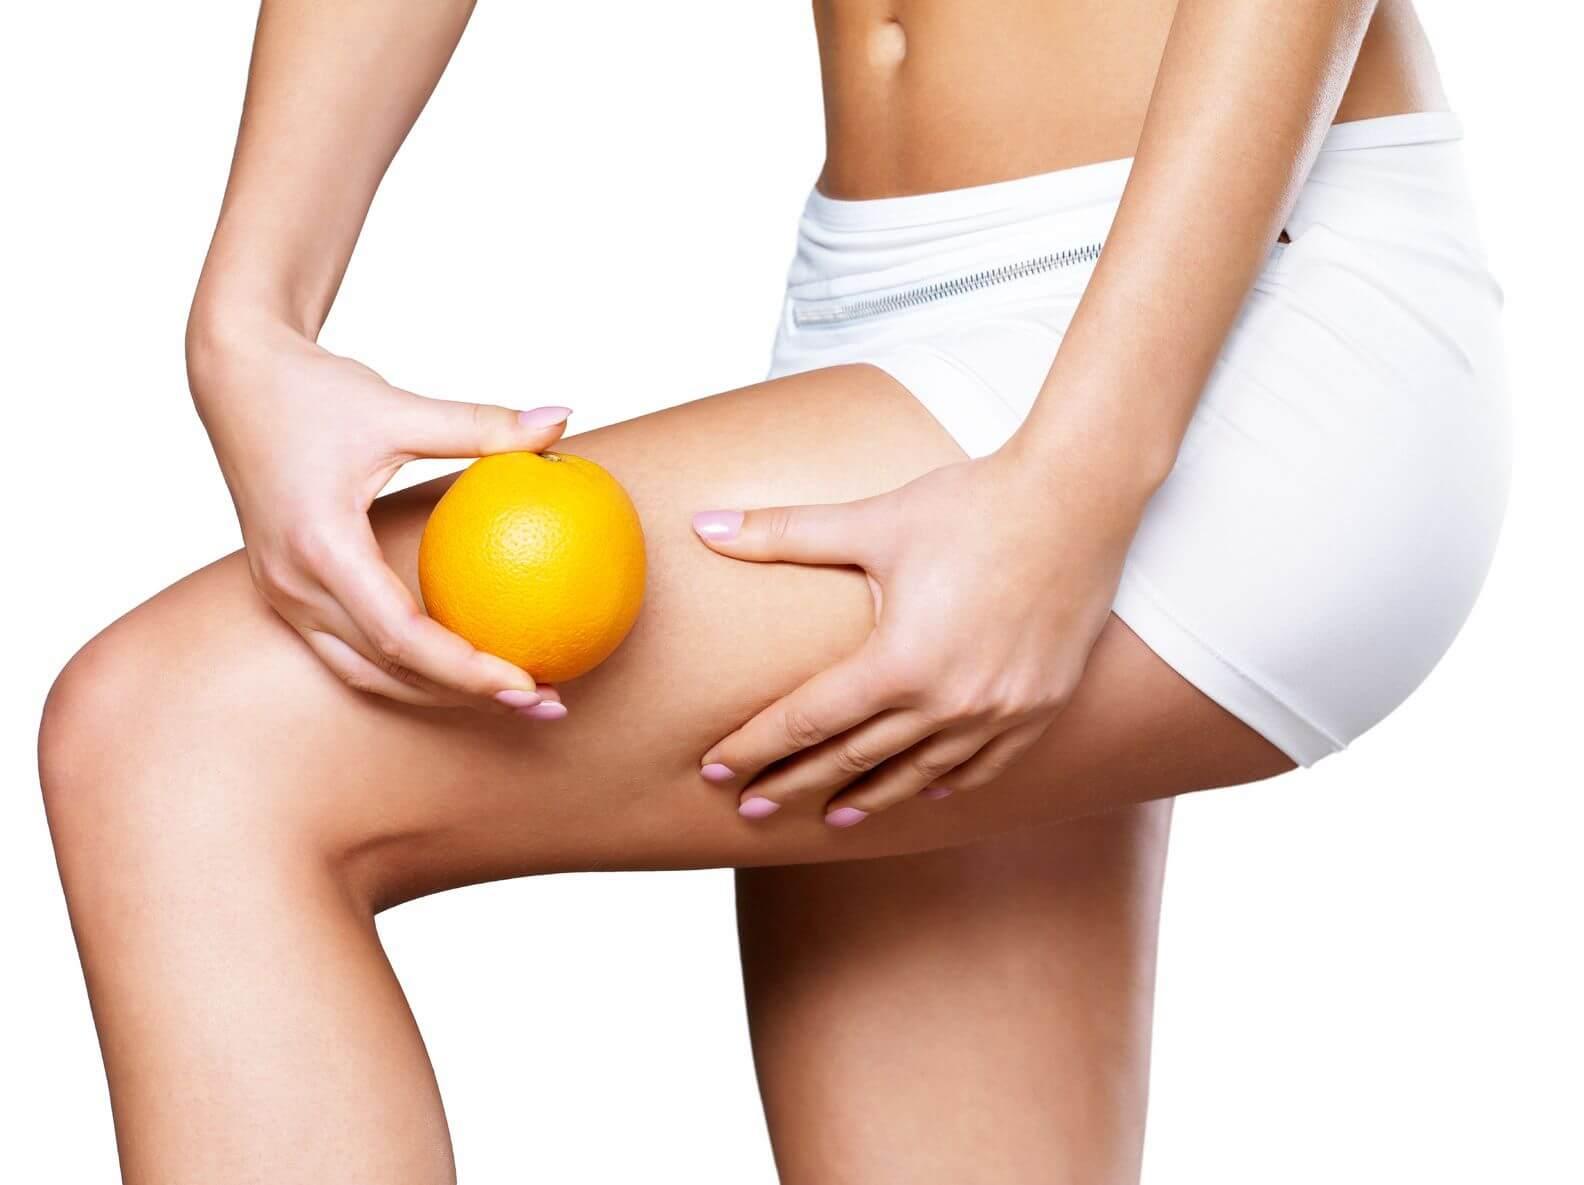 Dorra Slim 7 ways to get rid of cellulite